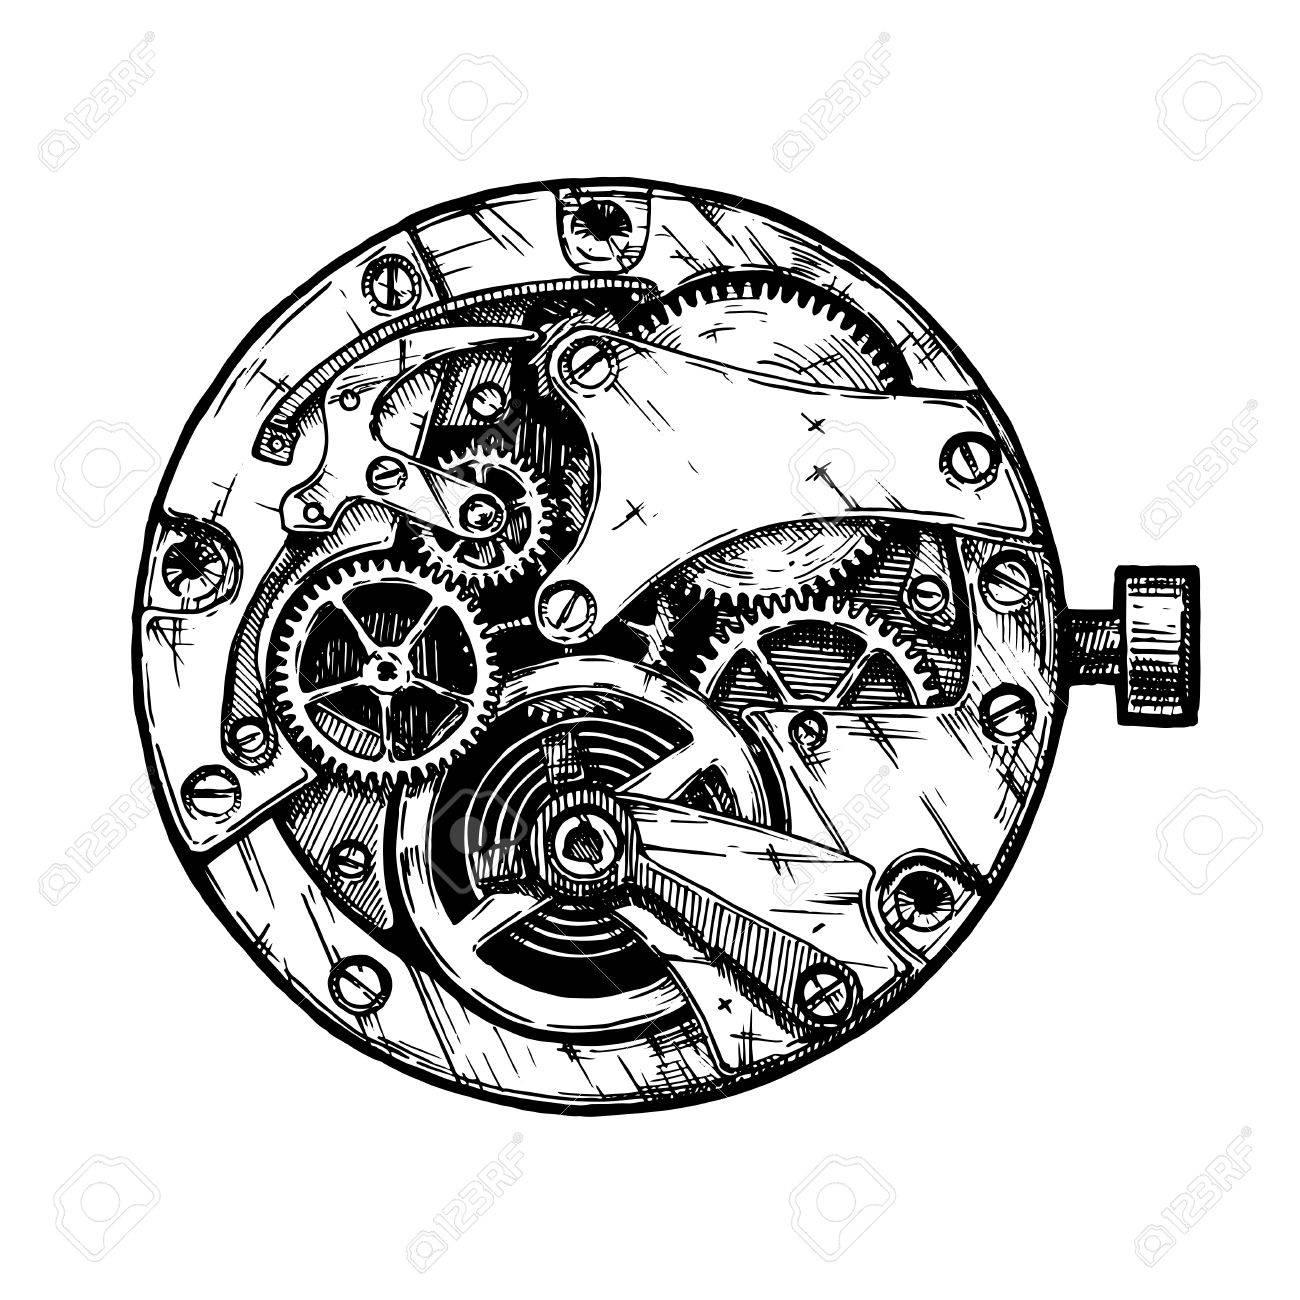 weiss auf weiss, gezeichnete illustration der vektortinte hand des uhrwerks. schwarz, Innenarchitektur